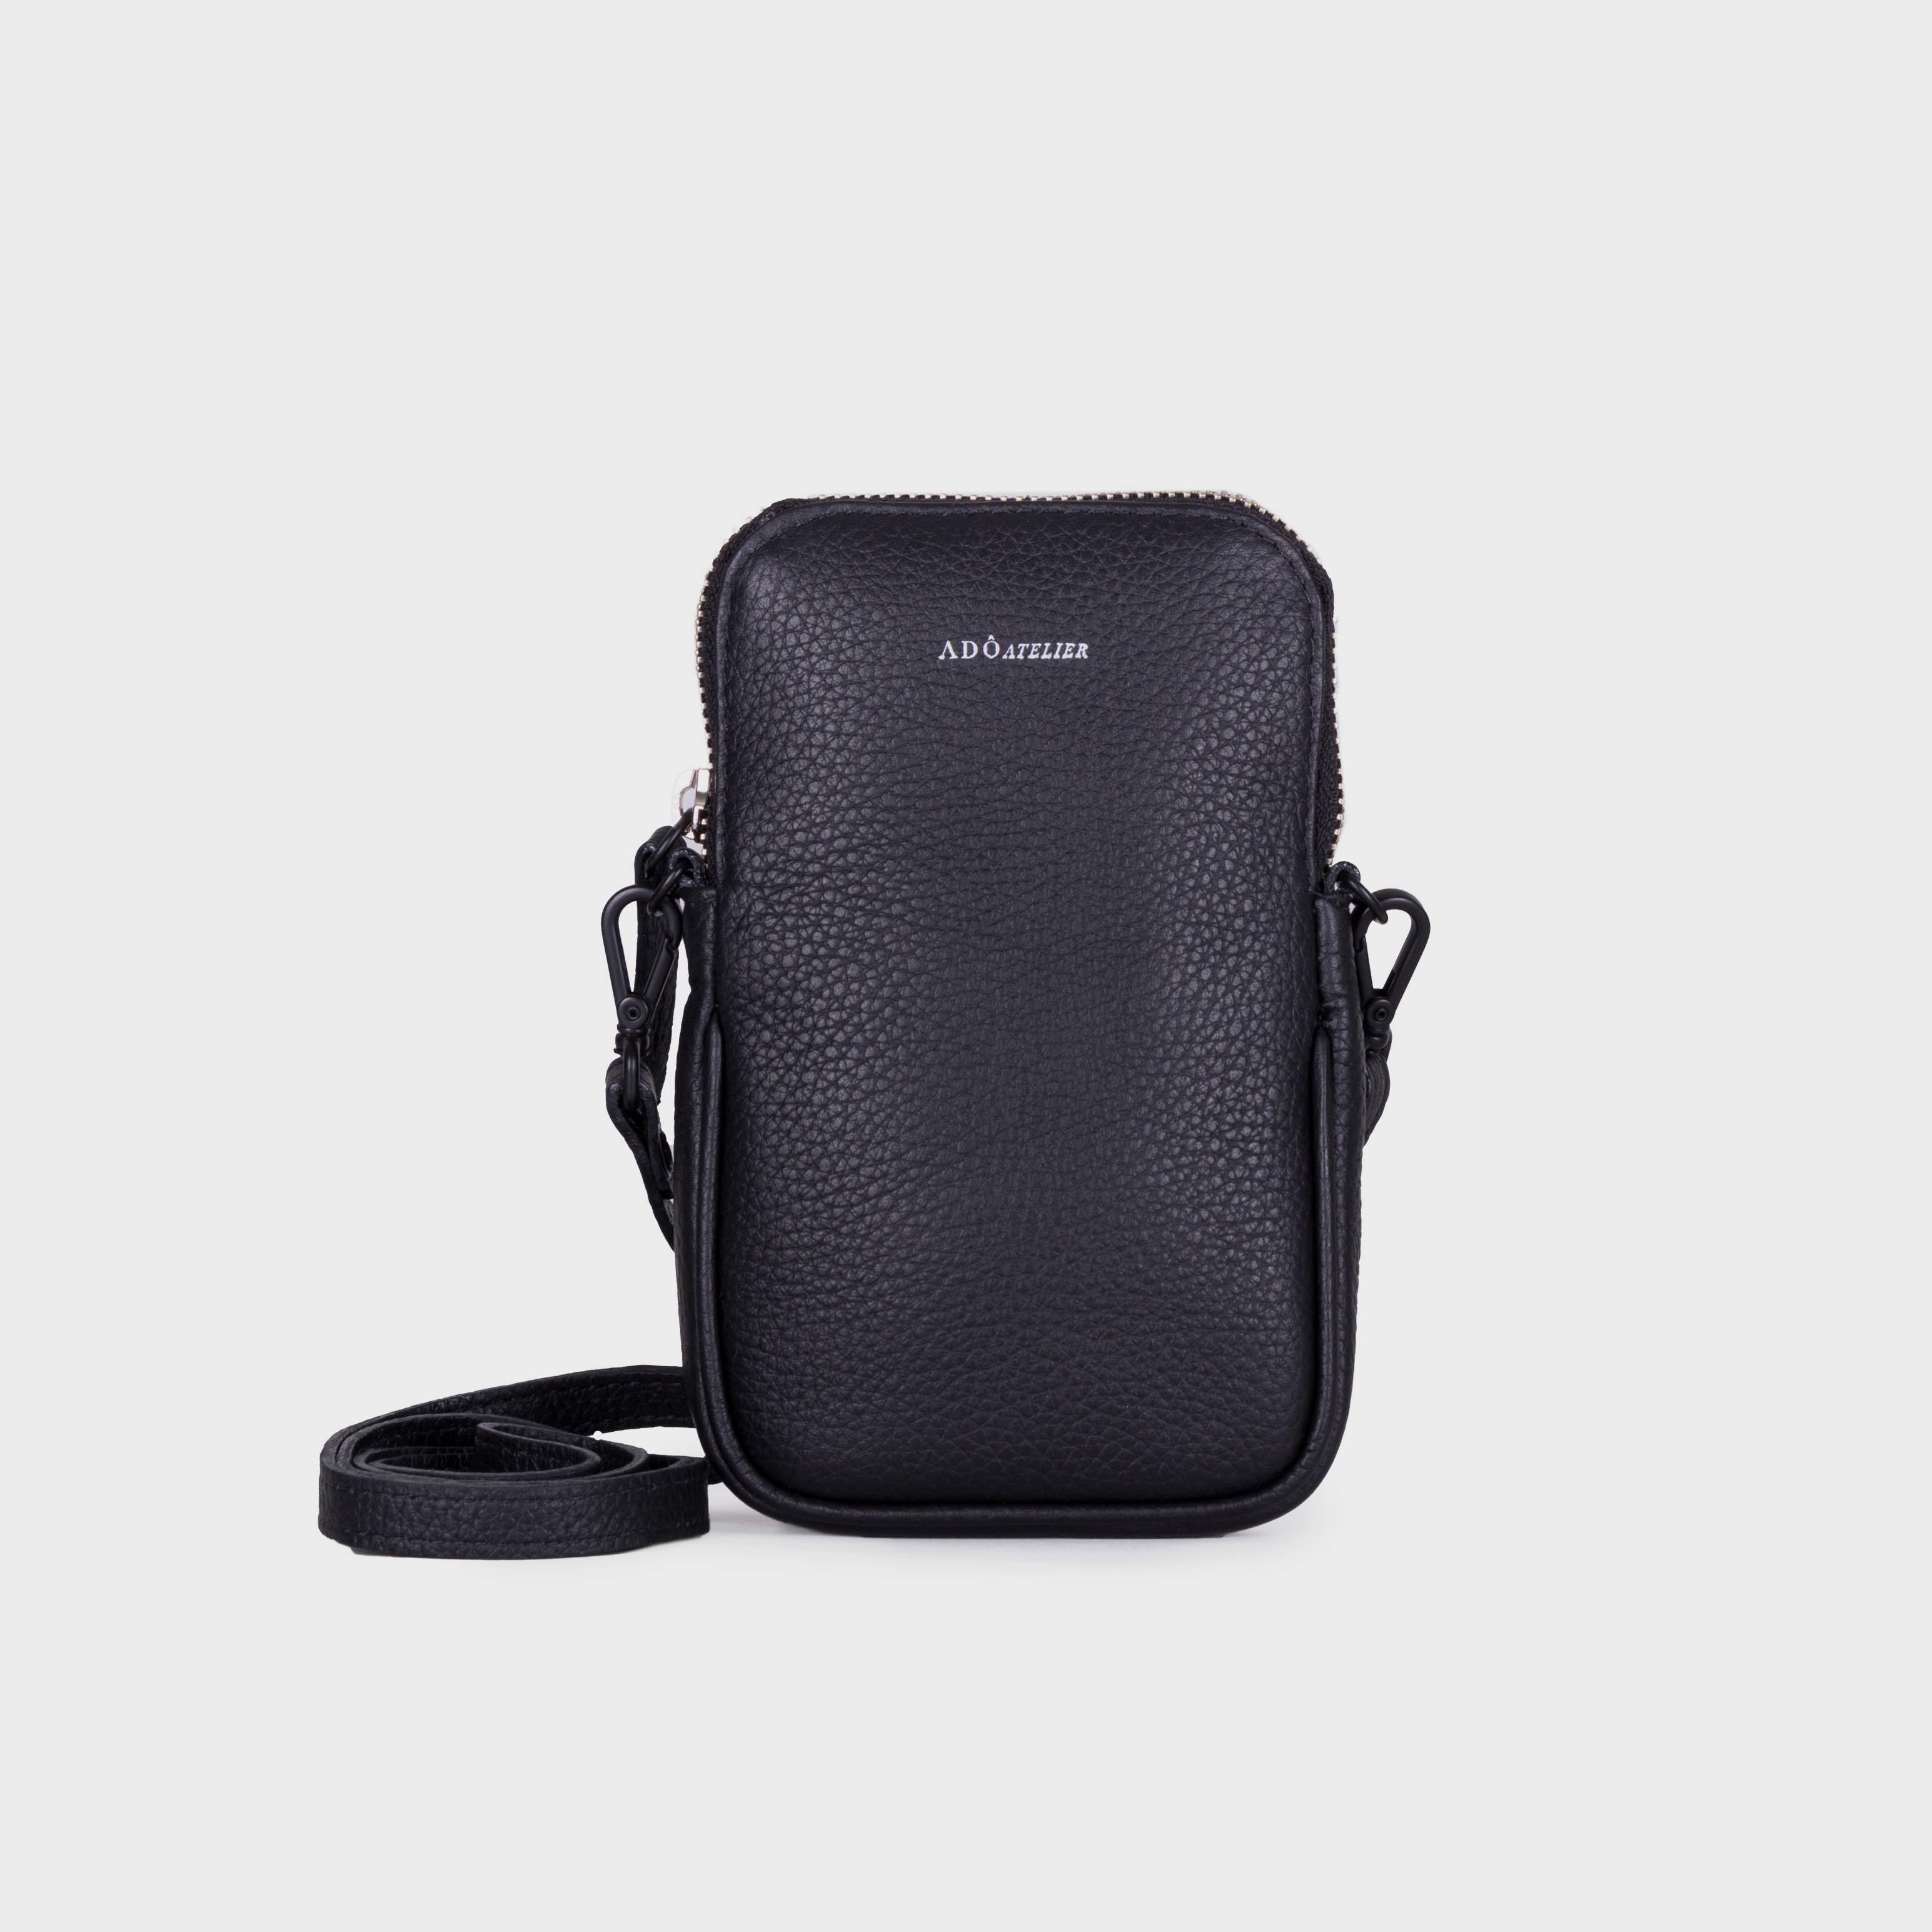 Mini Bag de Couro Preto - Adô Atelier